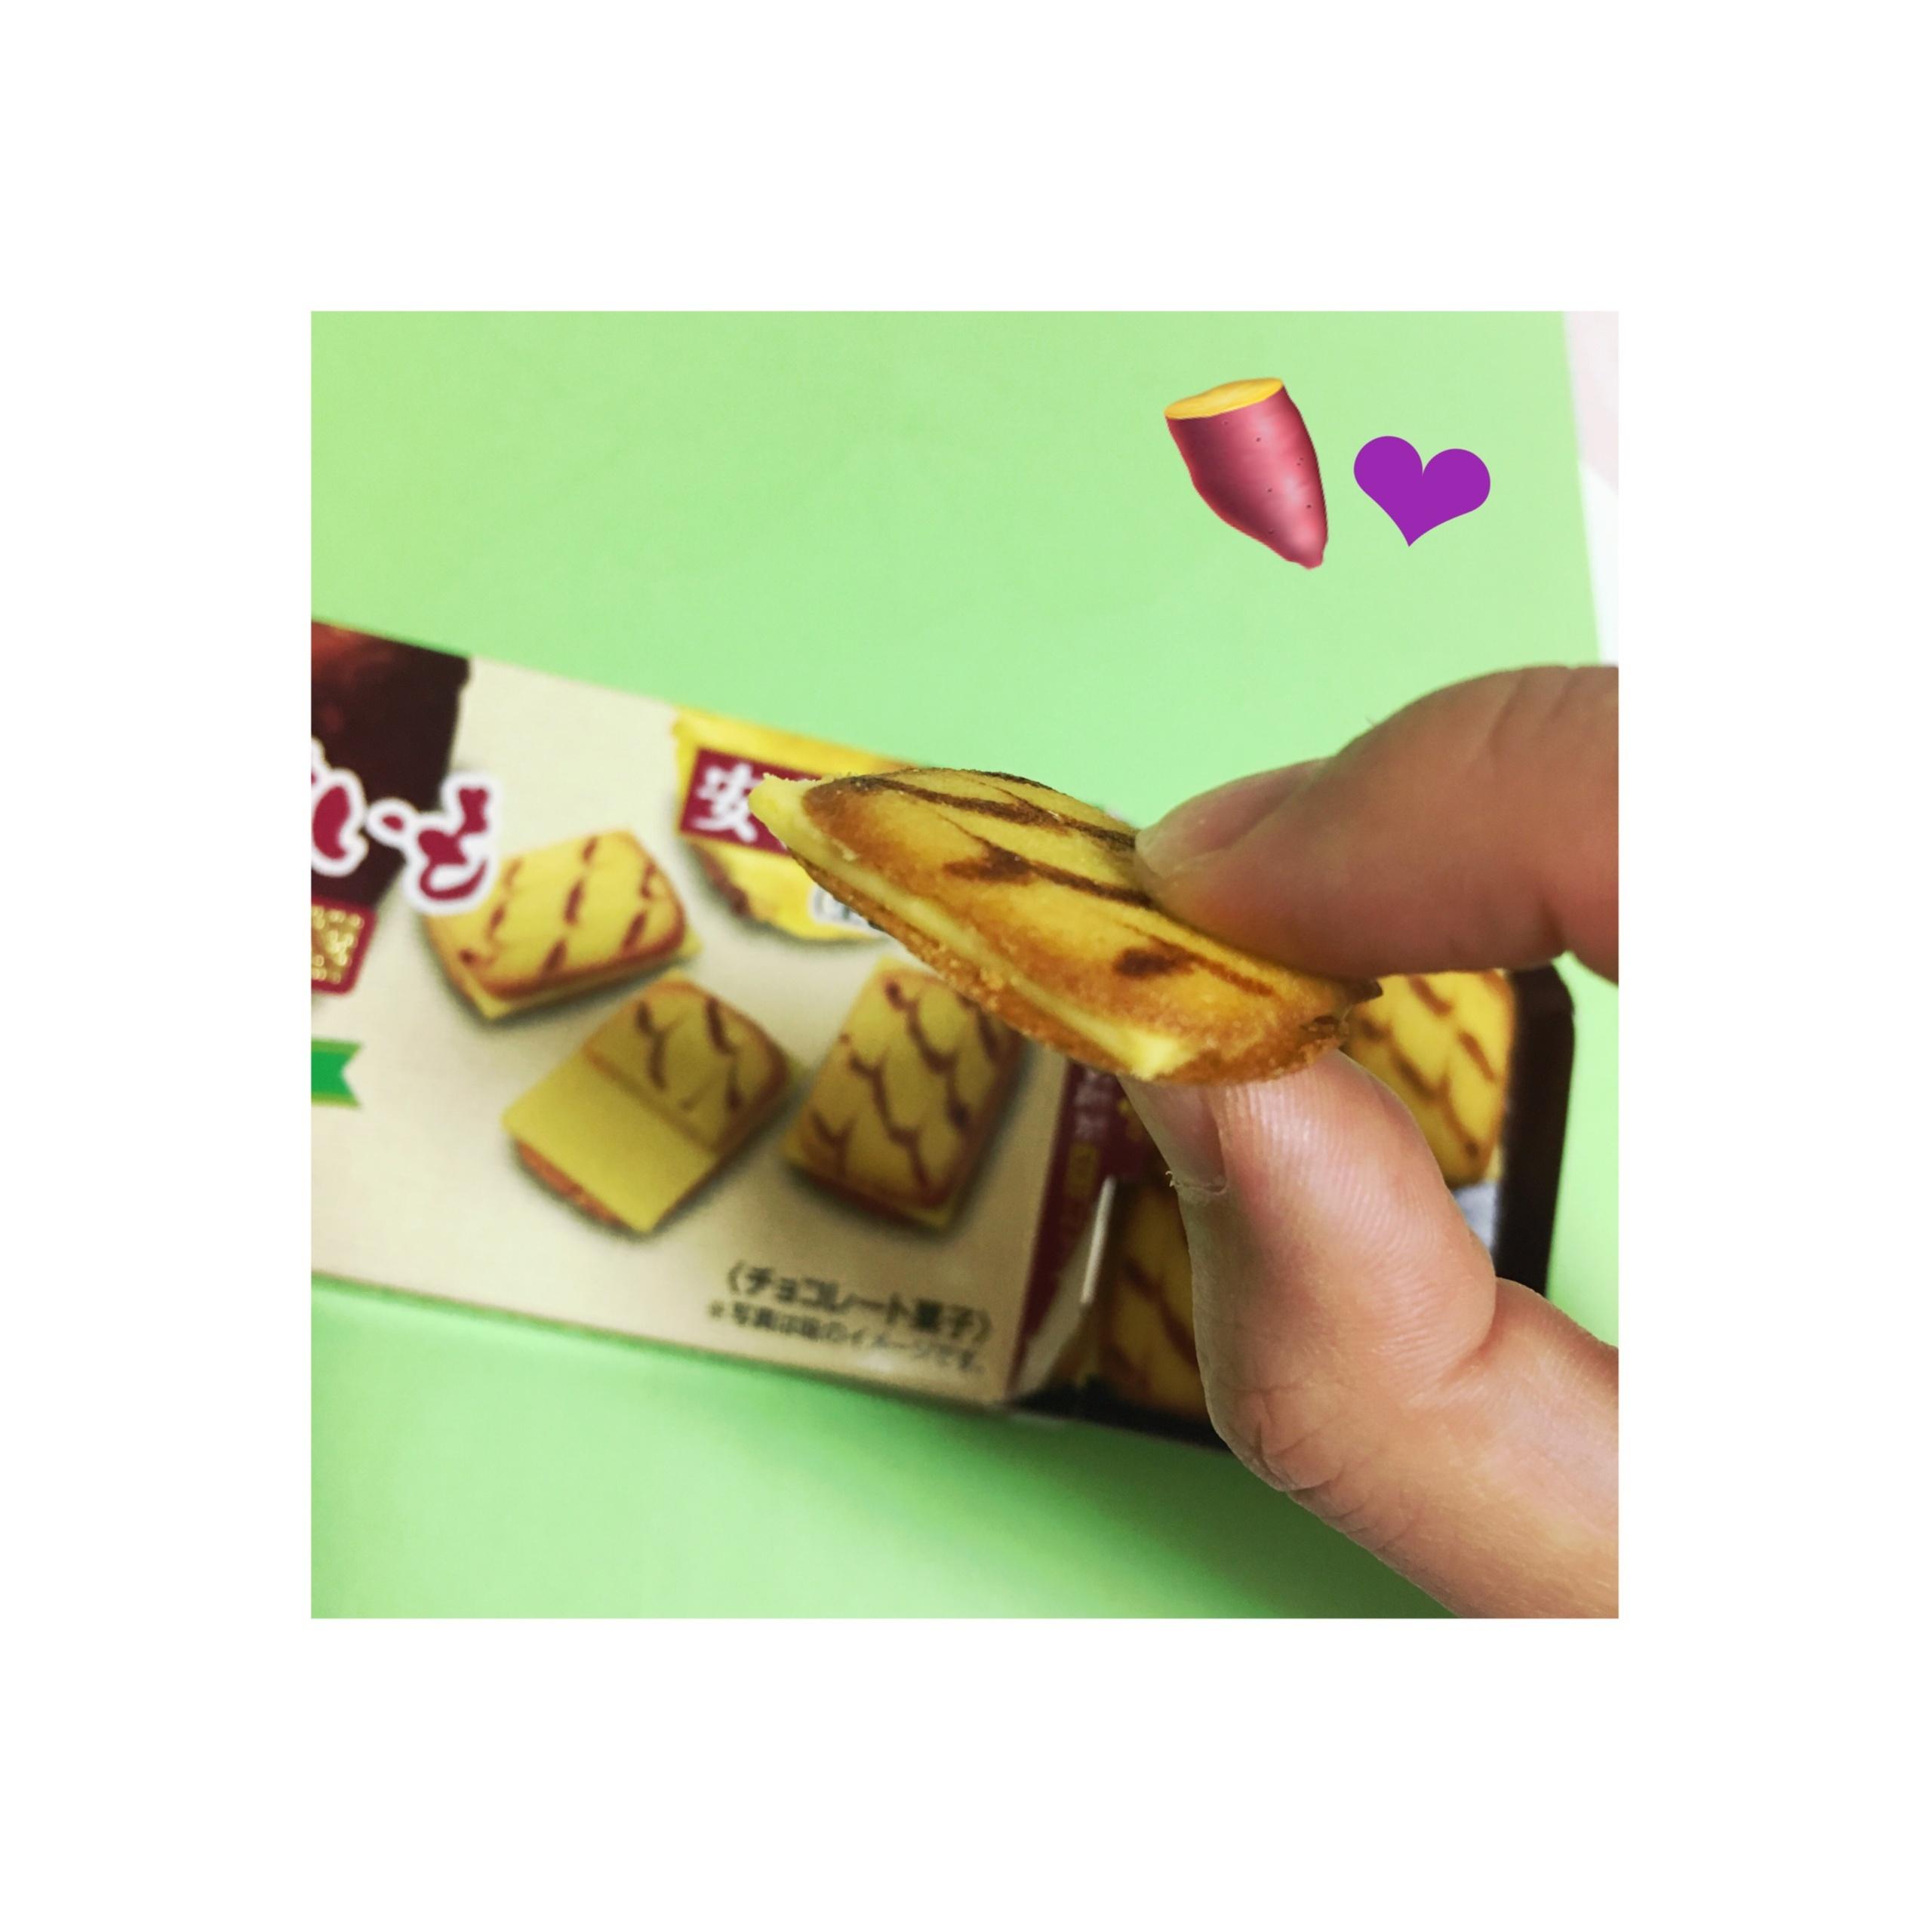 コンビニお菓子も《秋モード❤️》【今週発売】のおすすめお菓子3選★_6